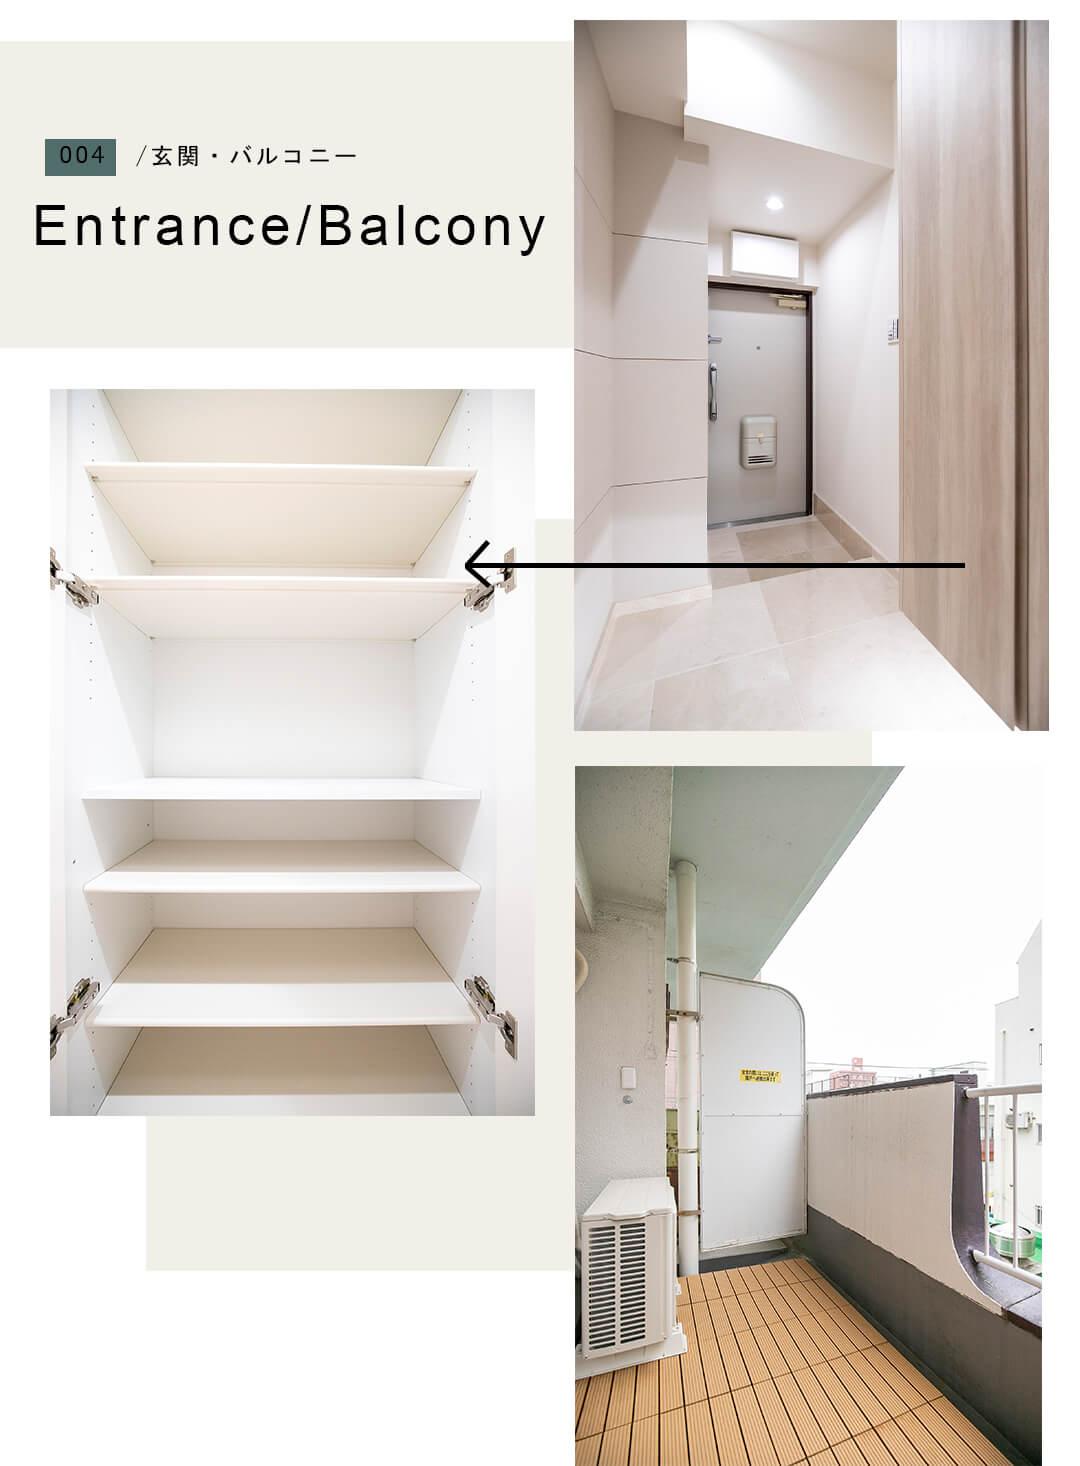 004玄関,バルコニー,Entrance,Balcony